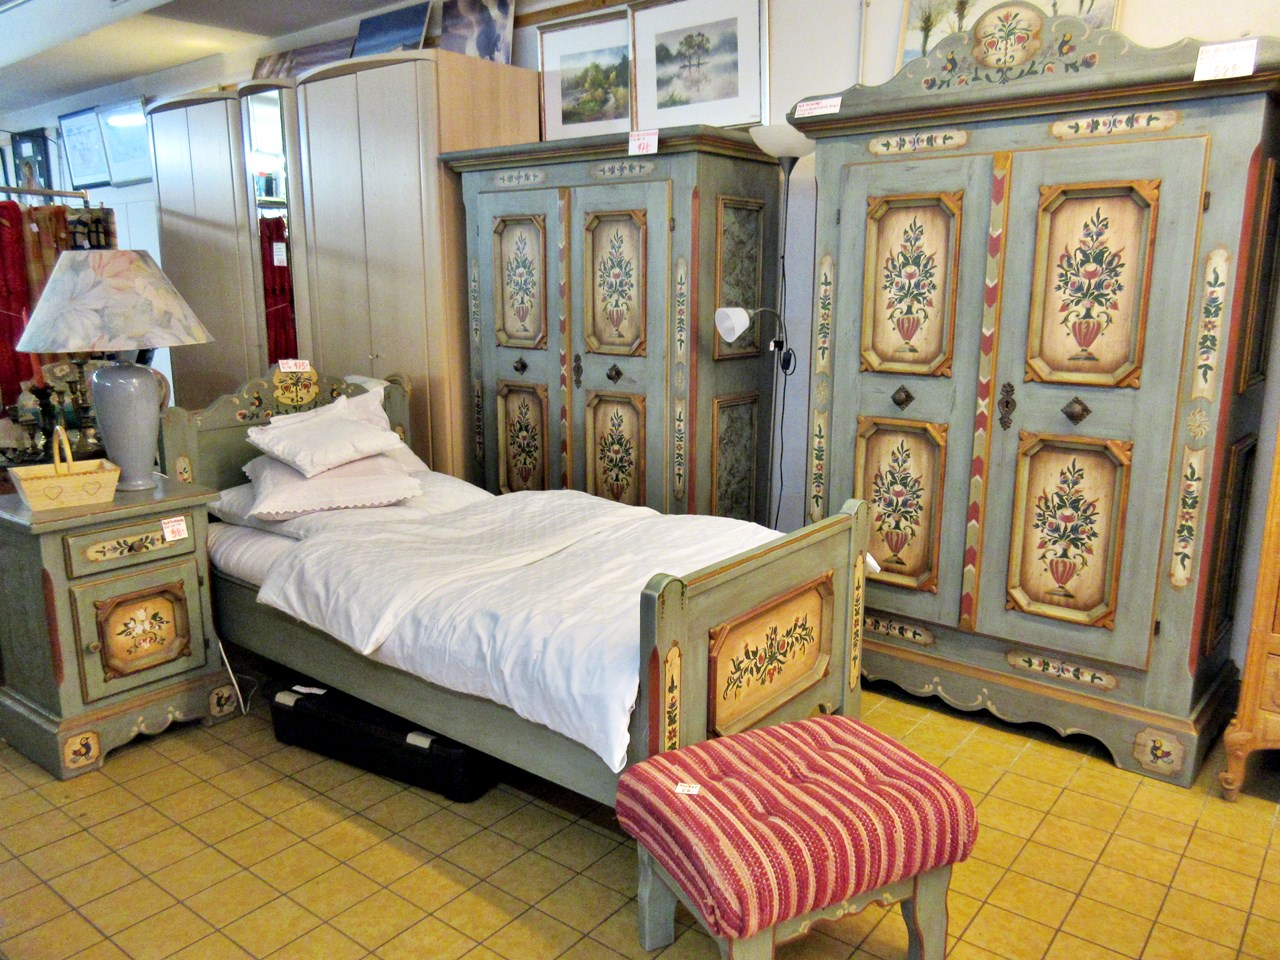 Voglauer Landhausmöbel schlafen wie Anno 1700 | Trödel Oase ...